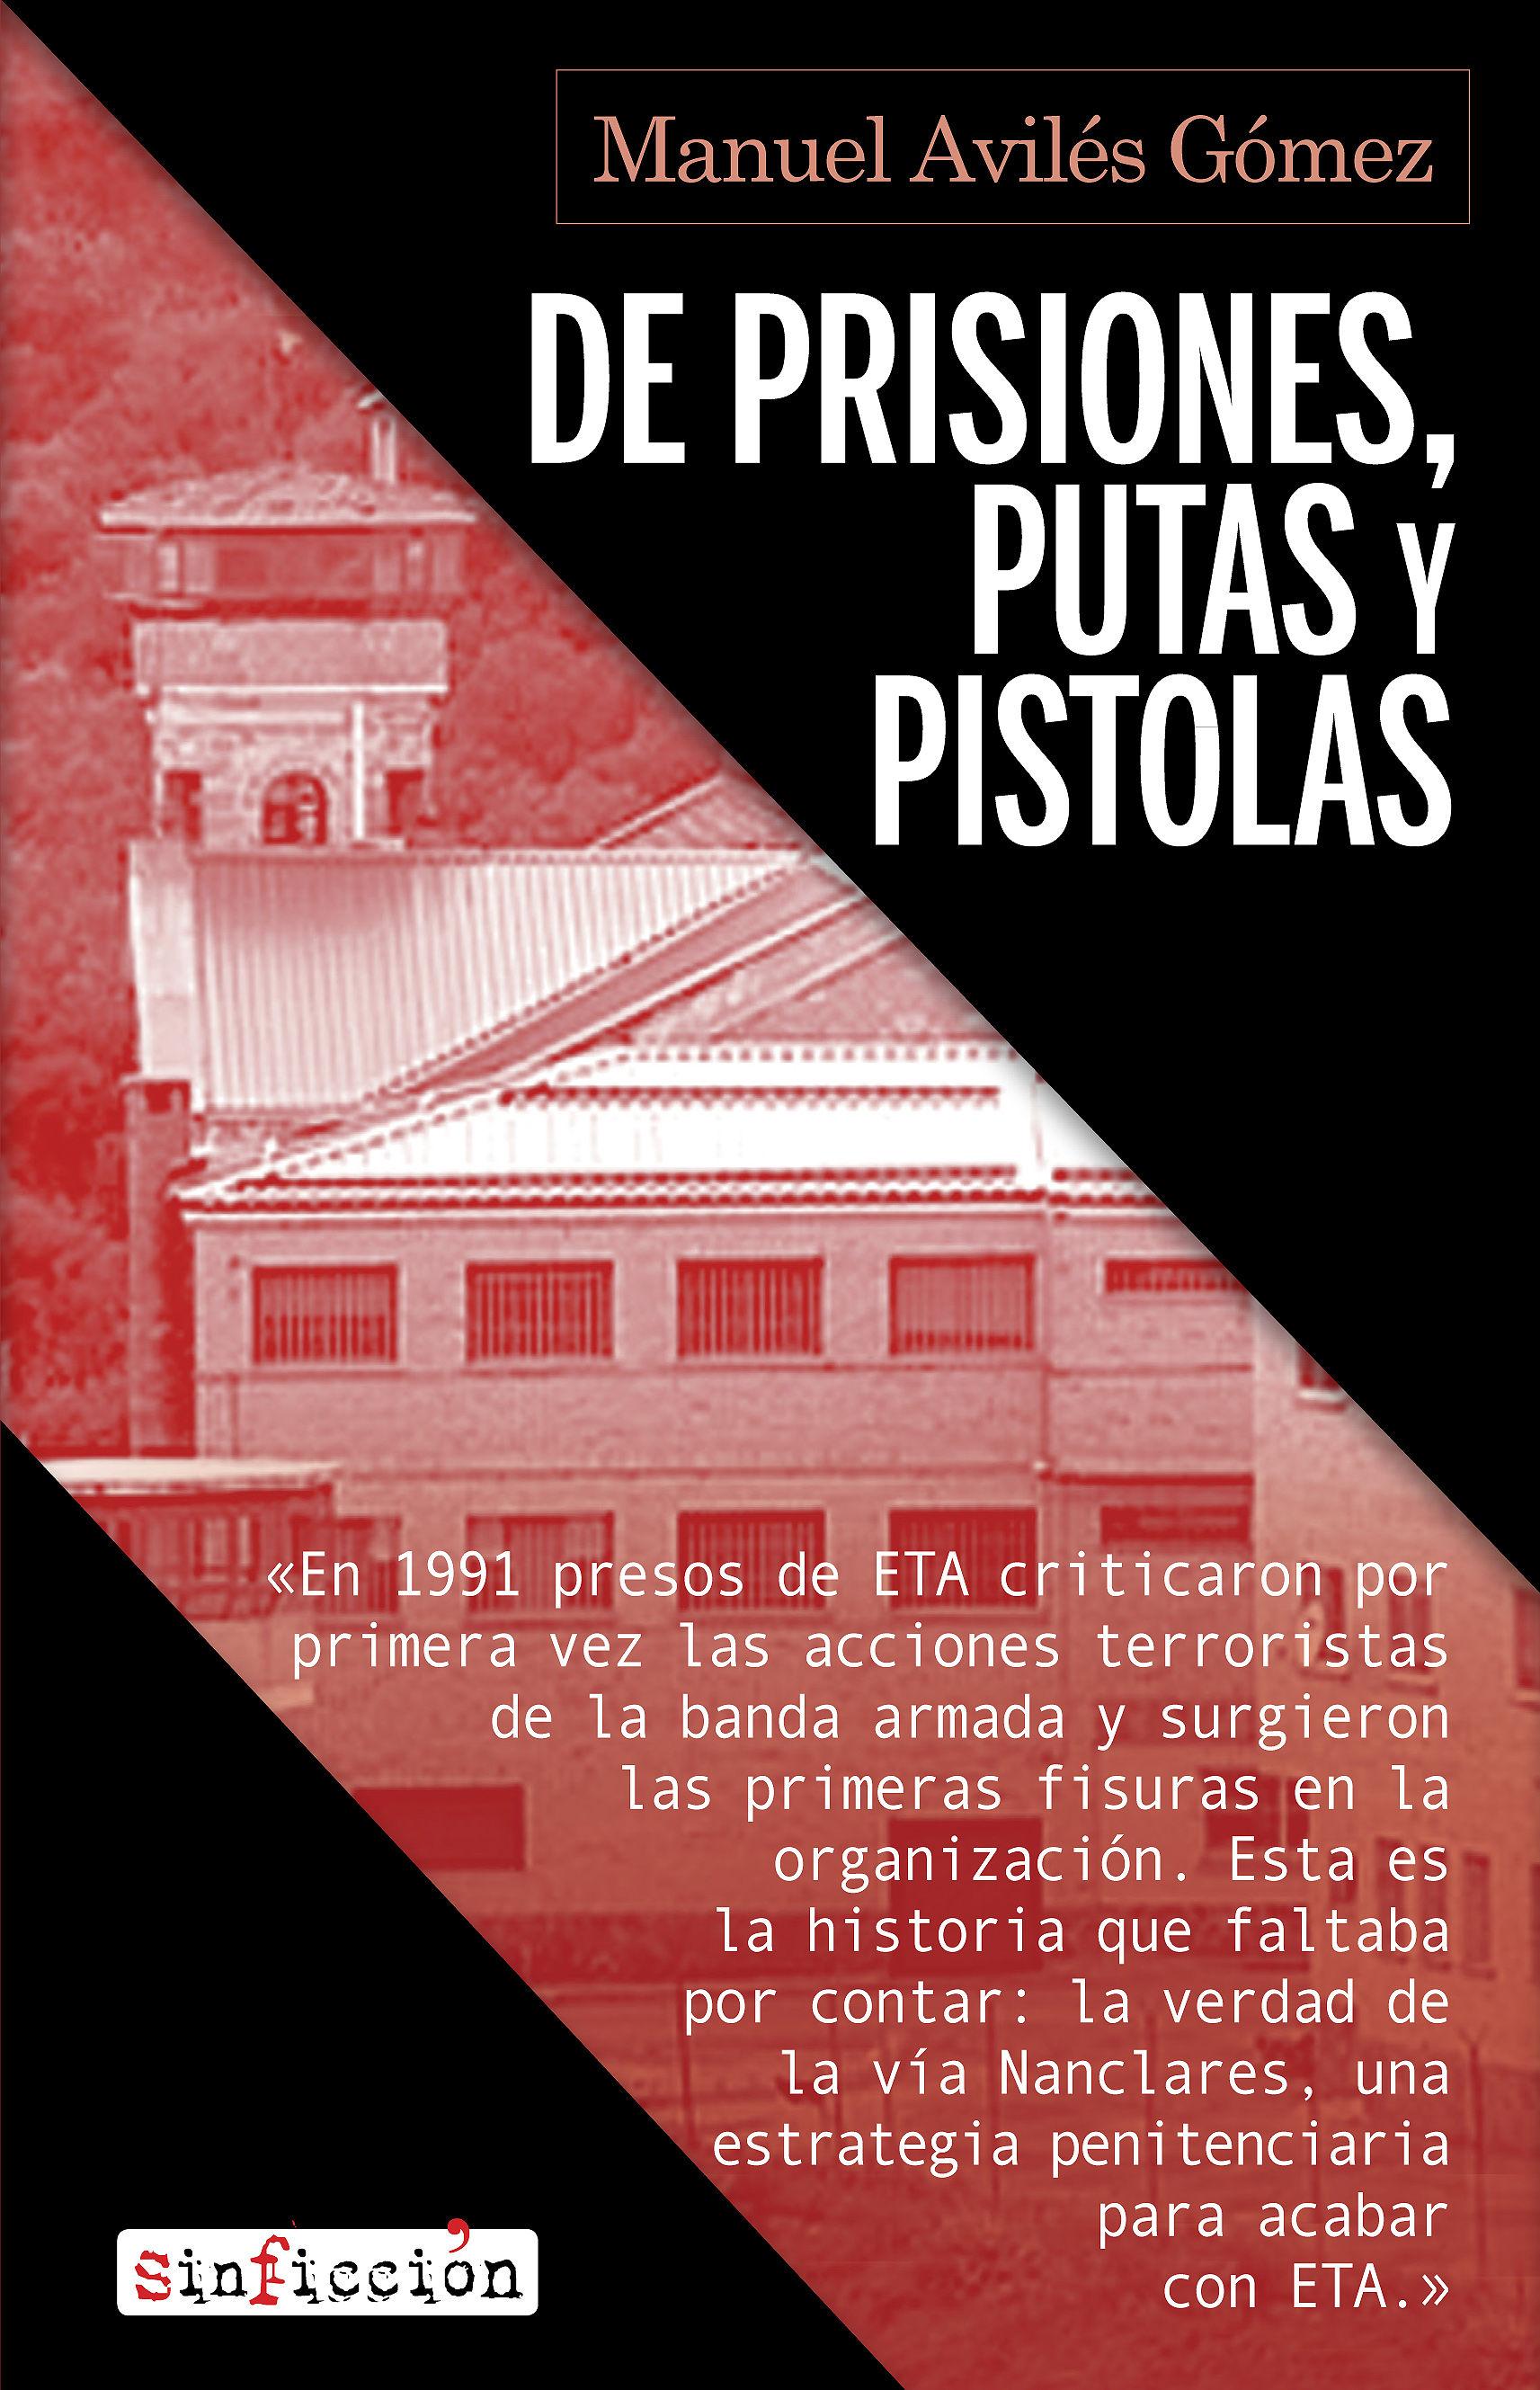 DE PRISIONES PUTAS Y PISTOLAS